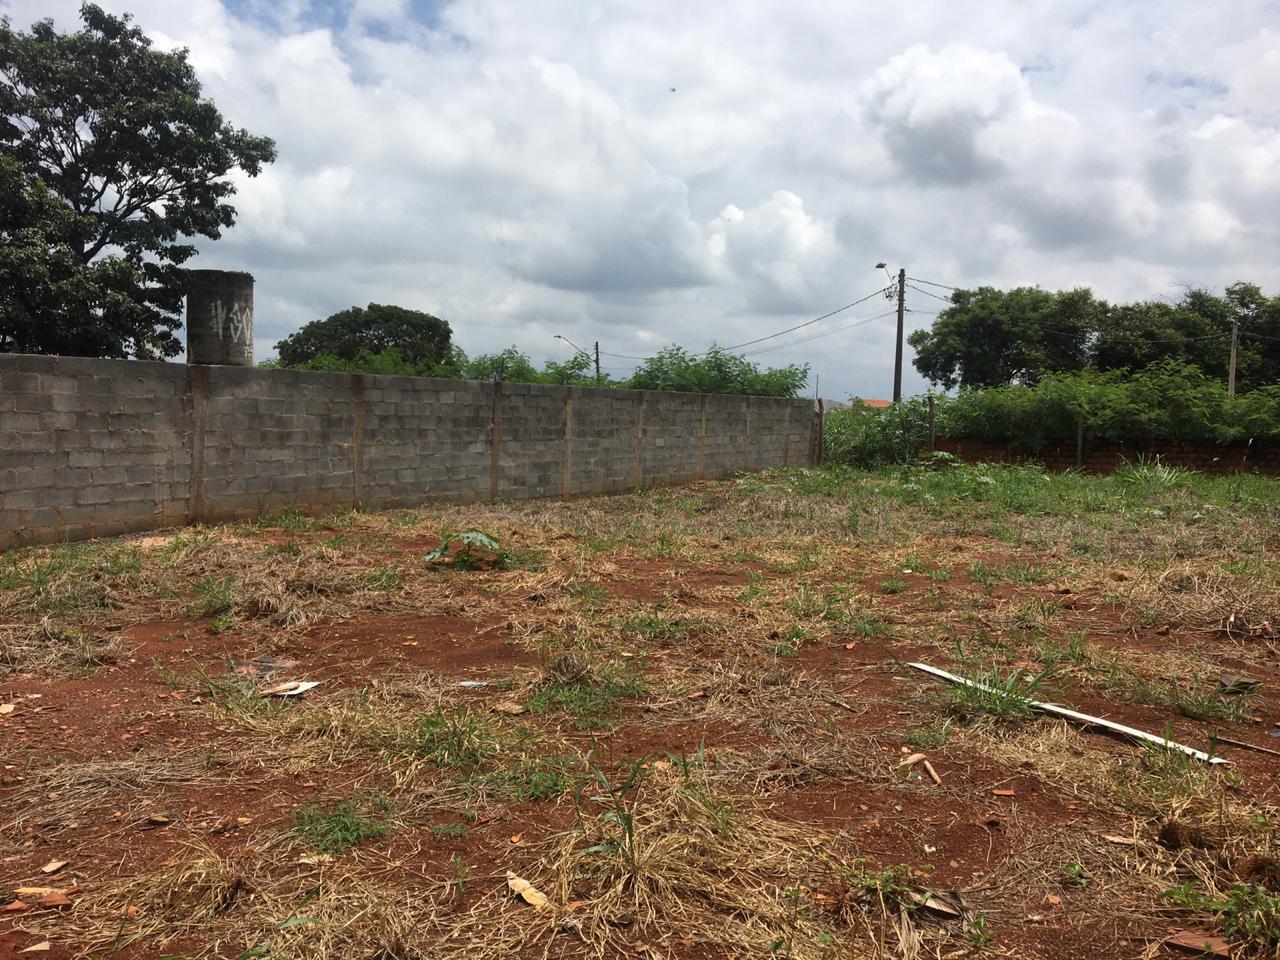 Terreno à venda, 340 m² por R$ 212.000 - Parque Gabriel - Hortolândia/SP